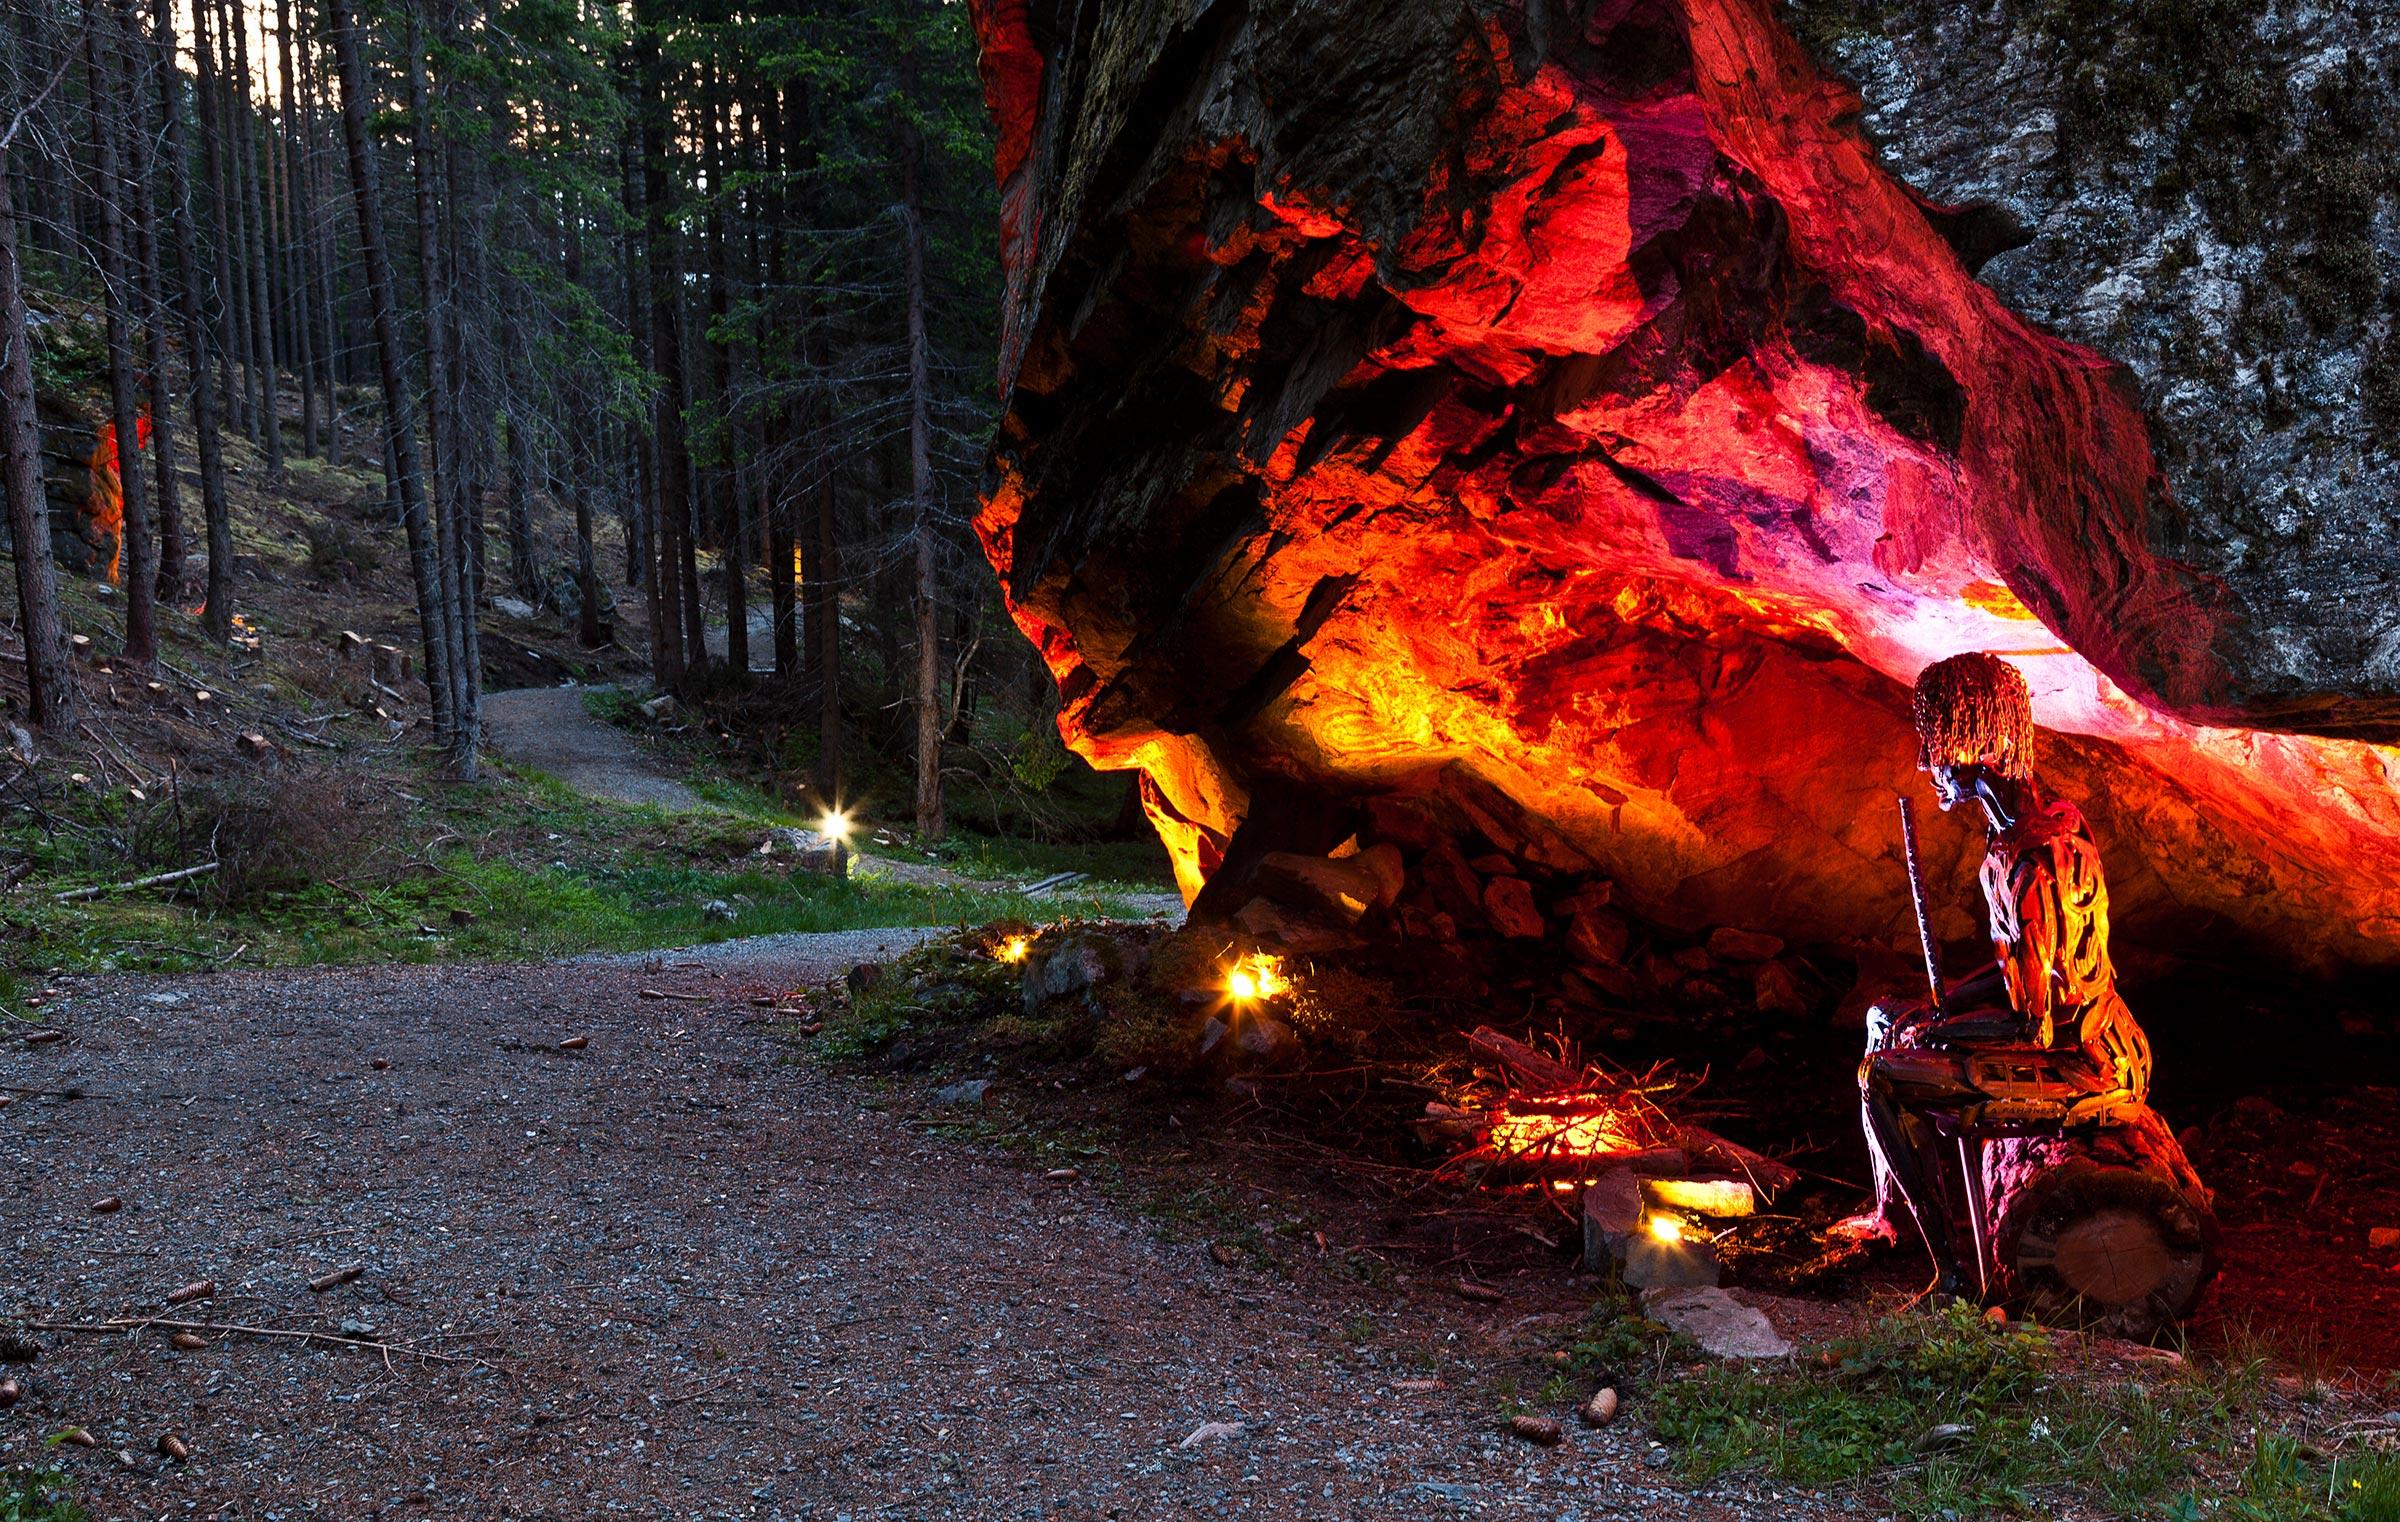 Ötztaler Sagenweg - Ötztaler Urweg